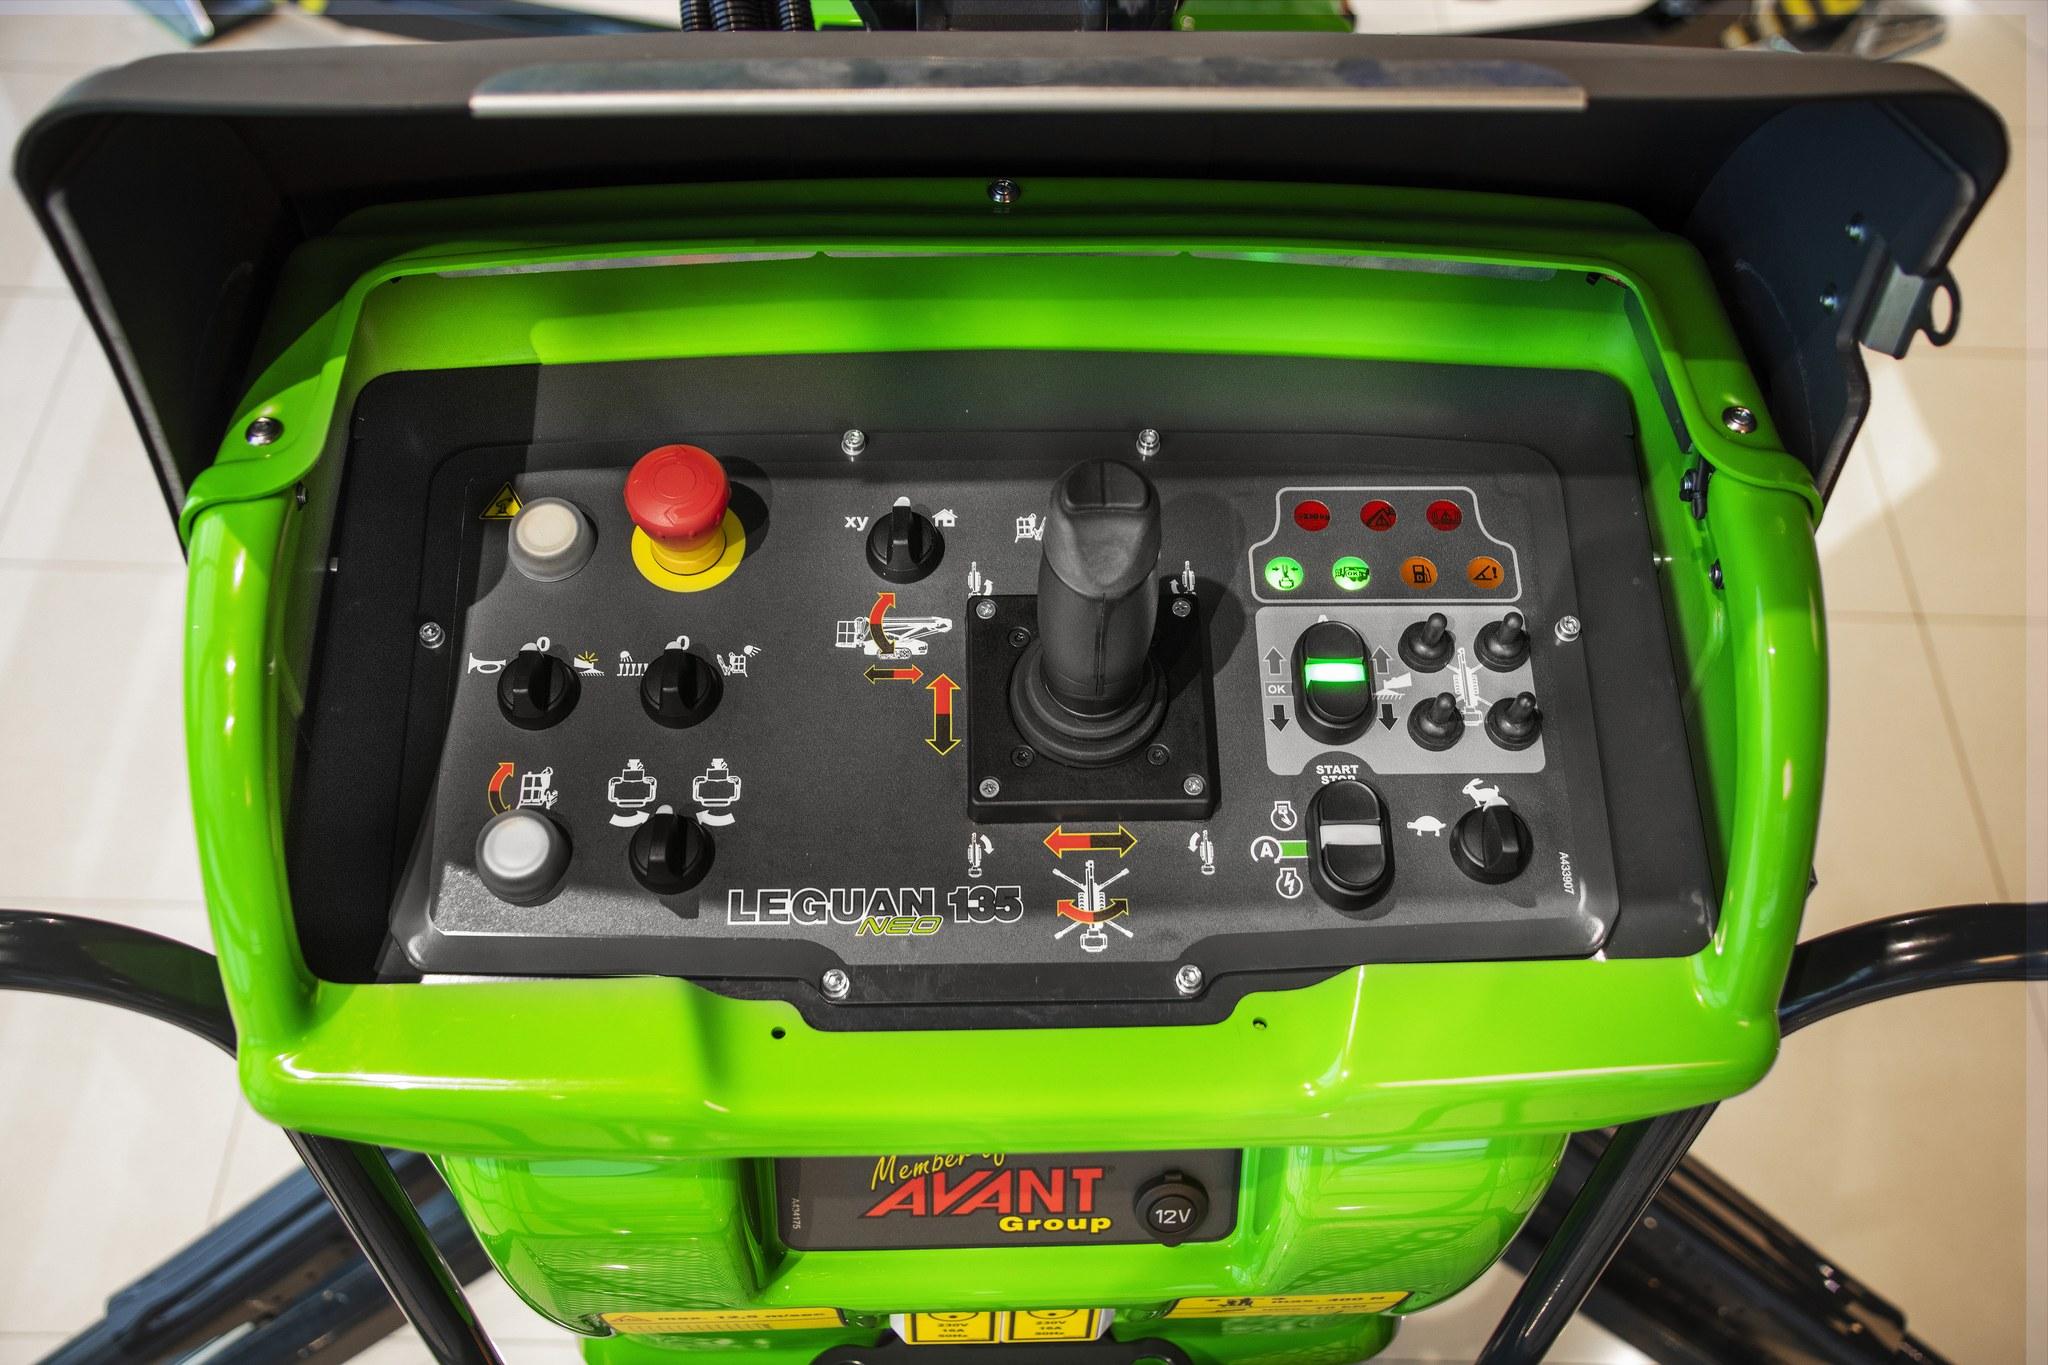 tableau de commande joystick L135 neo